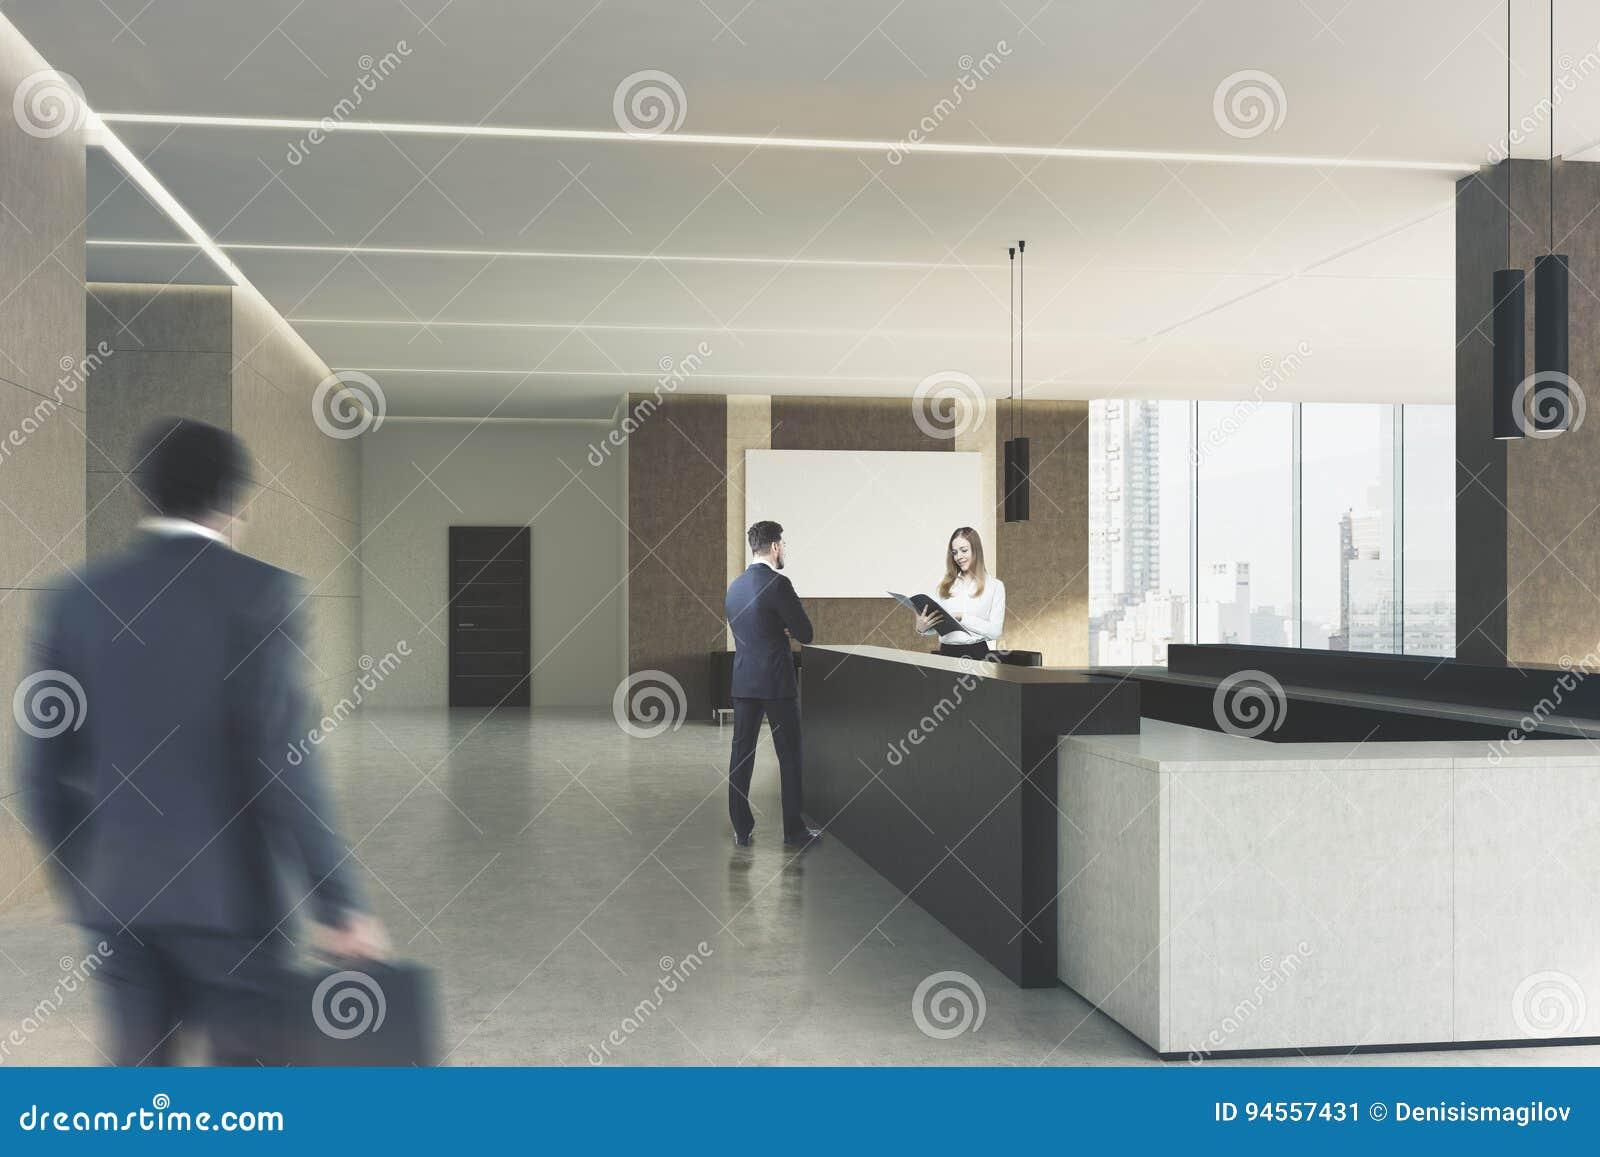 Bureau beige réception foncée les gens côté image stock image